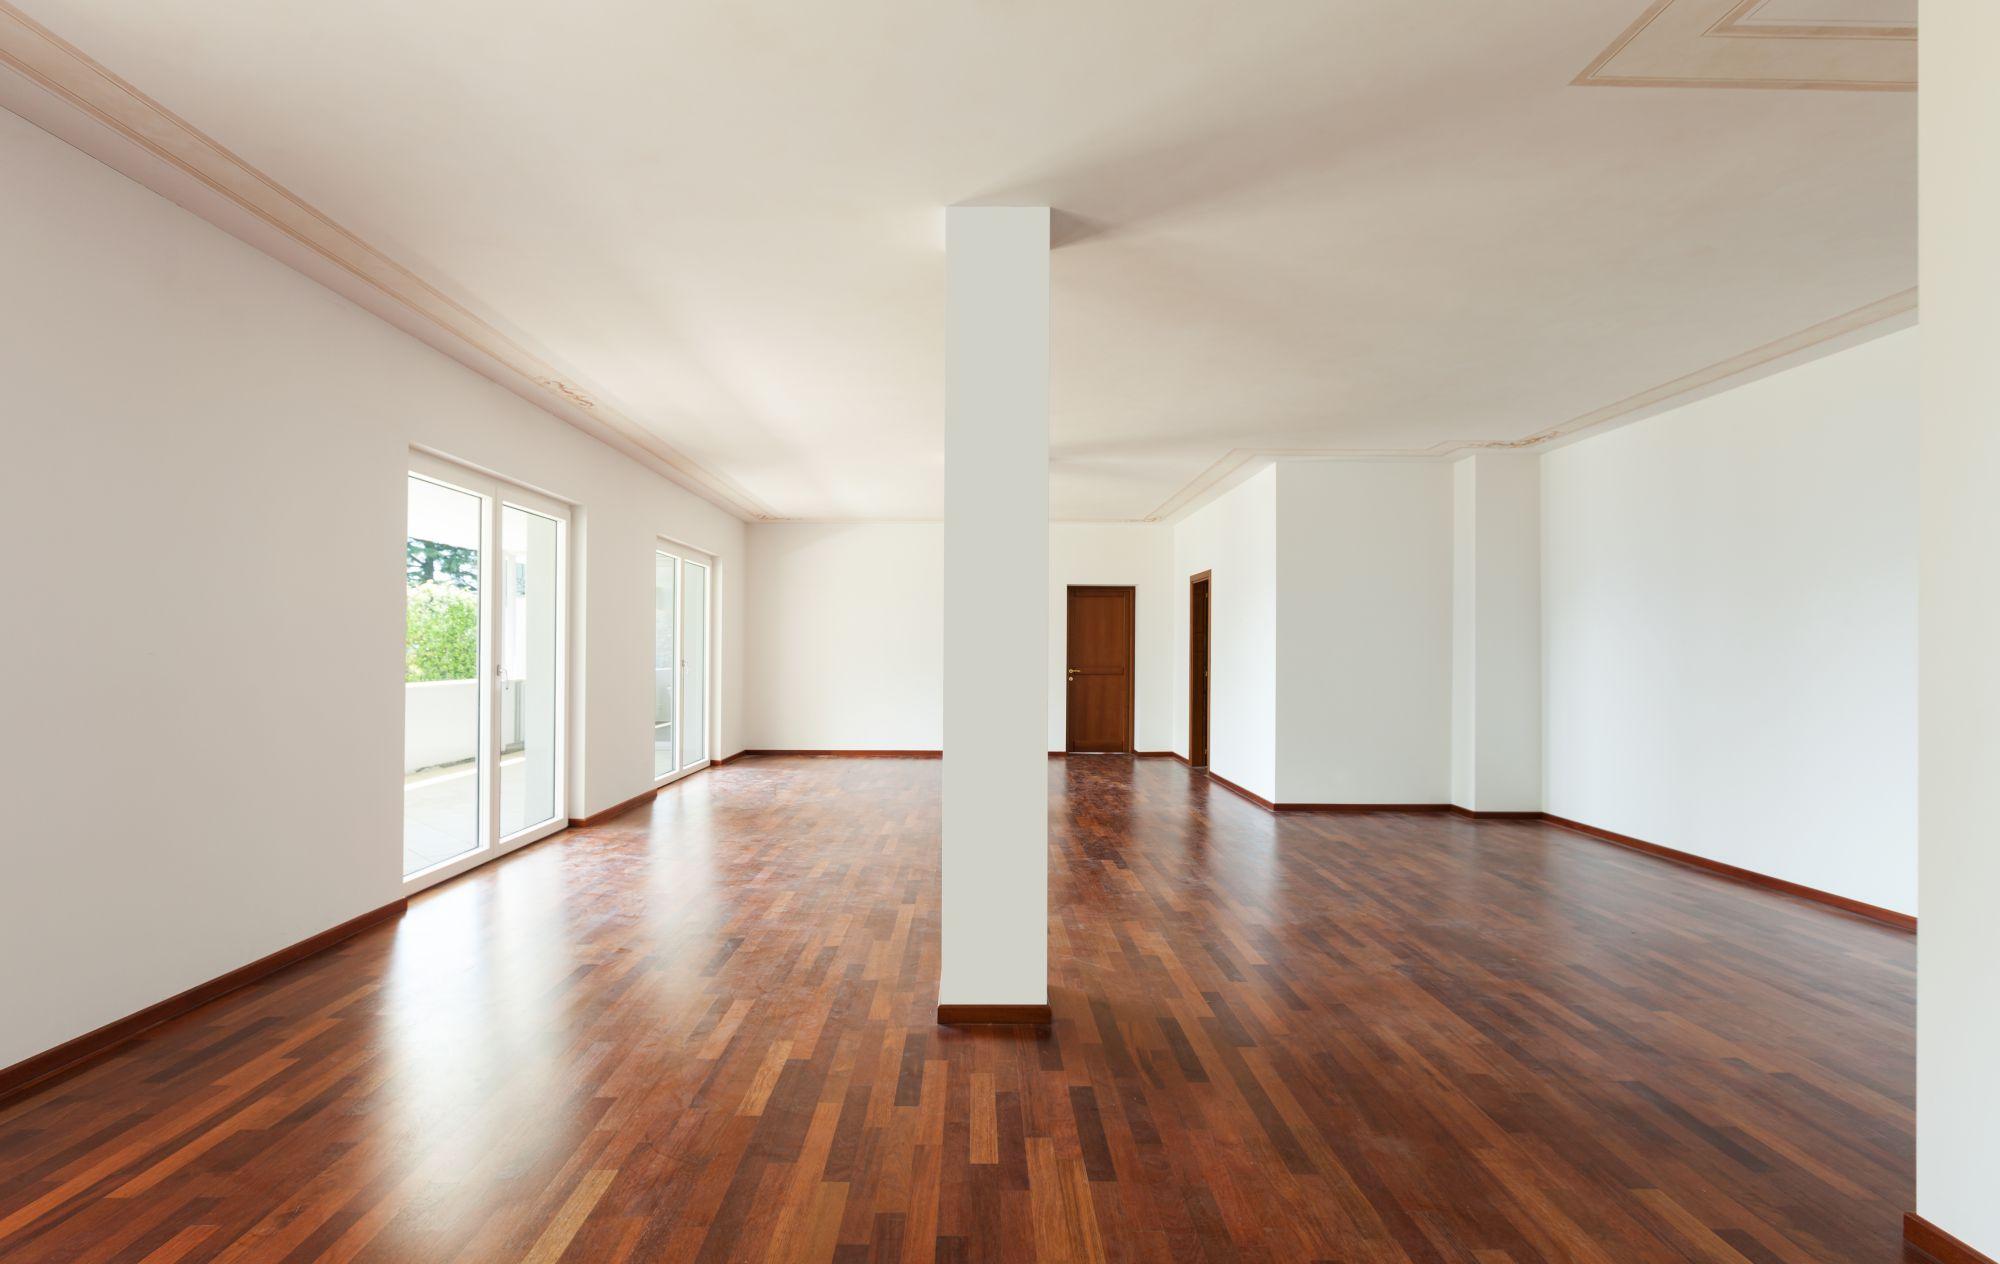 devis gratuit peinture interieure lille. Black Bedroom Furniture Sets. Home Design Ideas